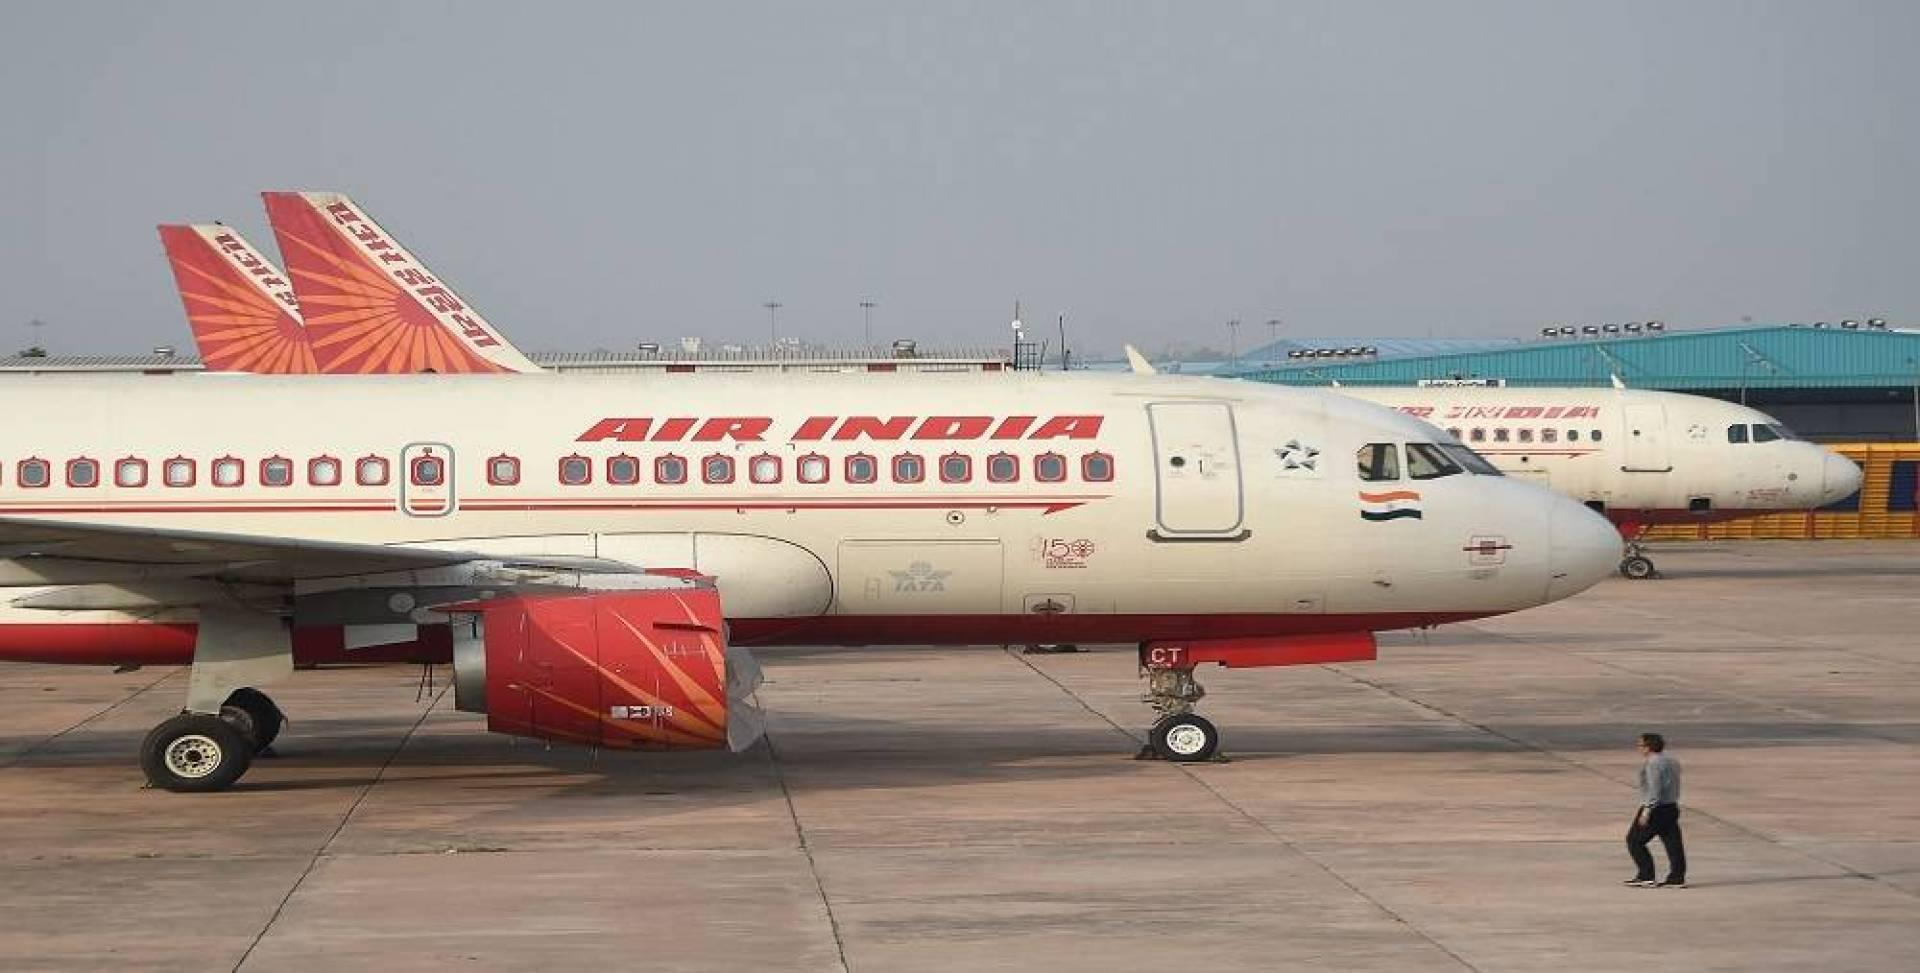 تحطم طائرة بعد هبوطها بجنوب الهند ووفاة اثنين وإصابة العشرات